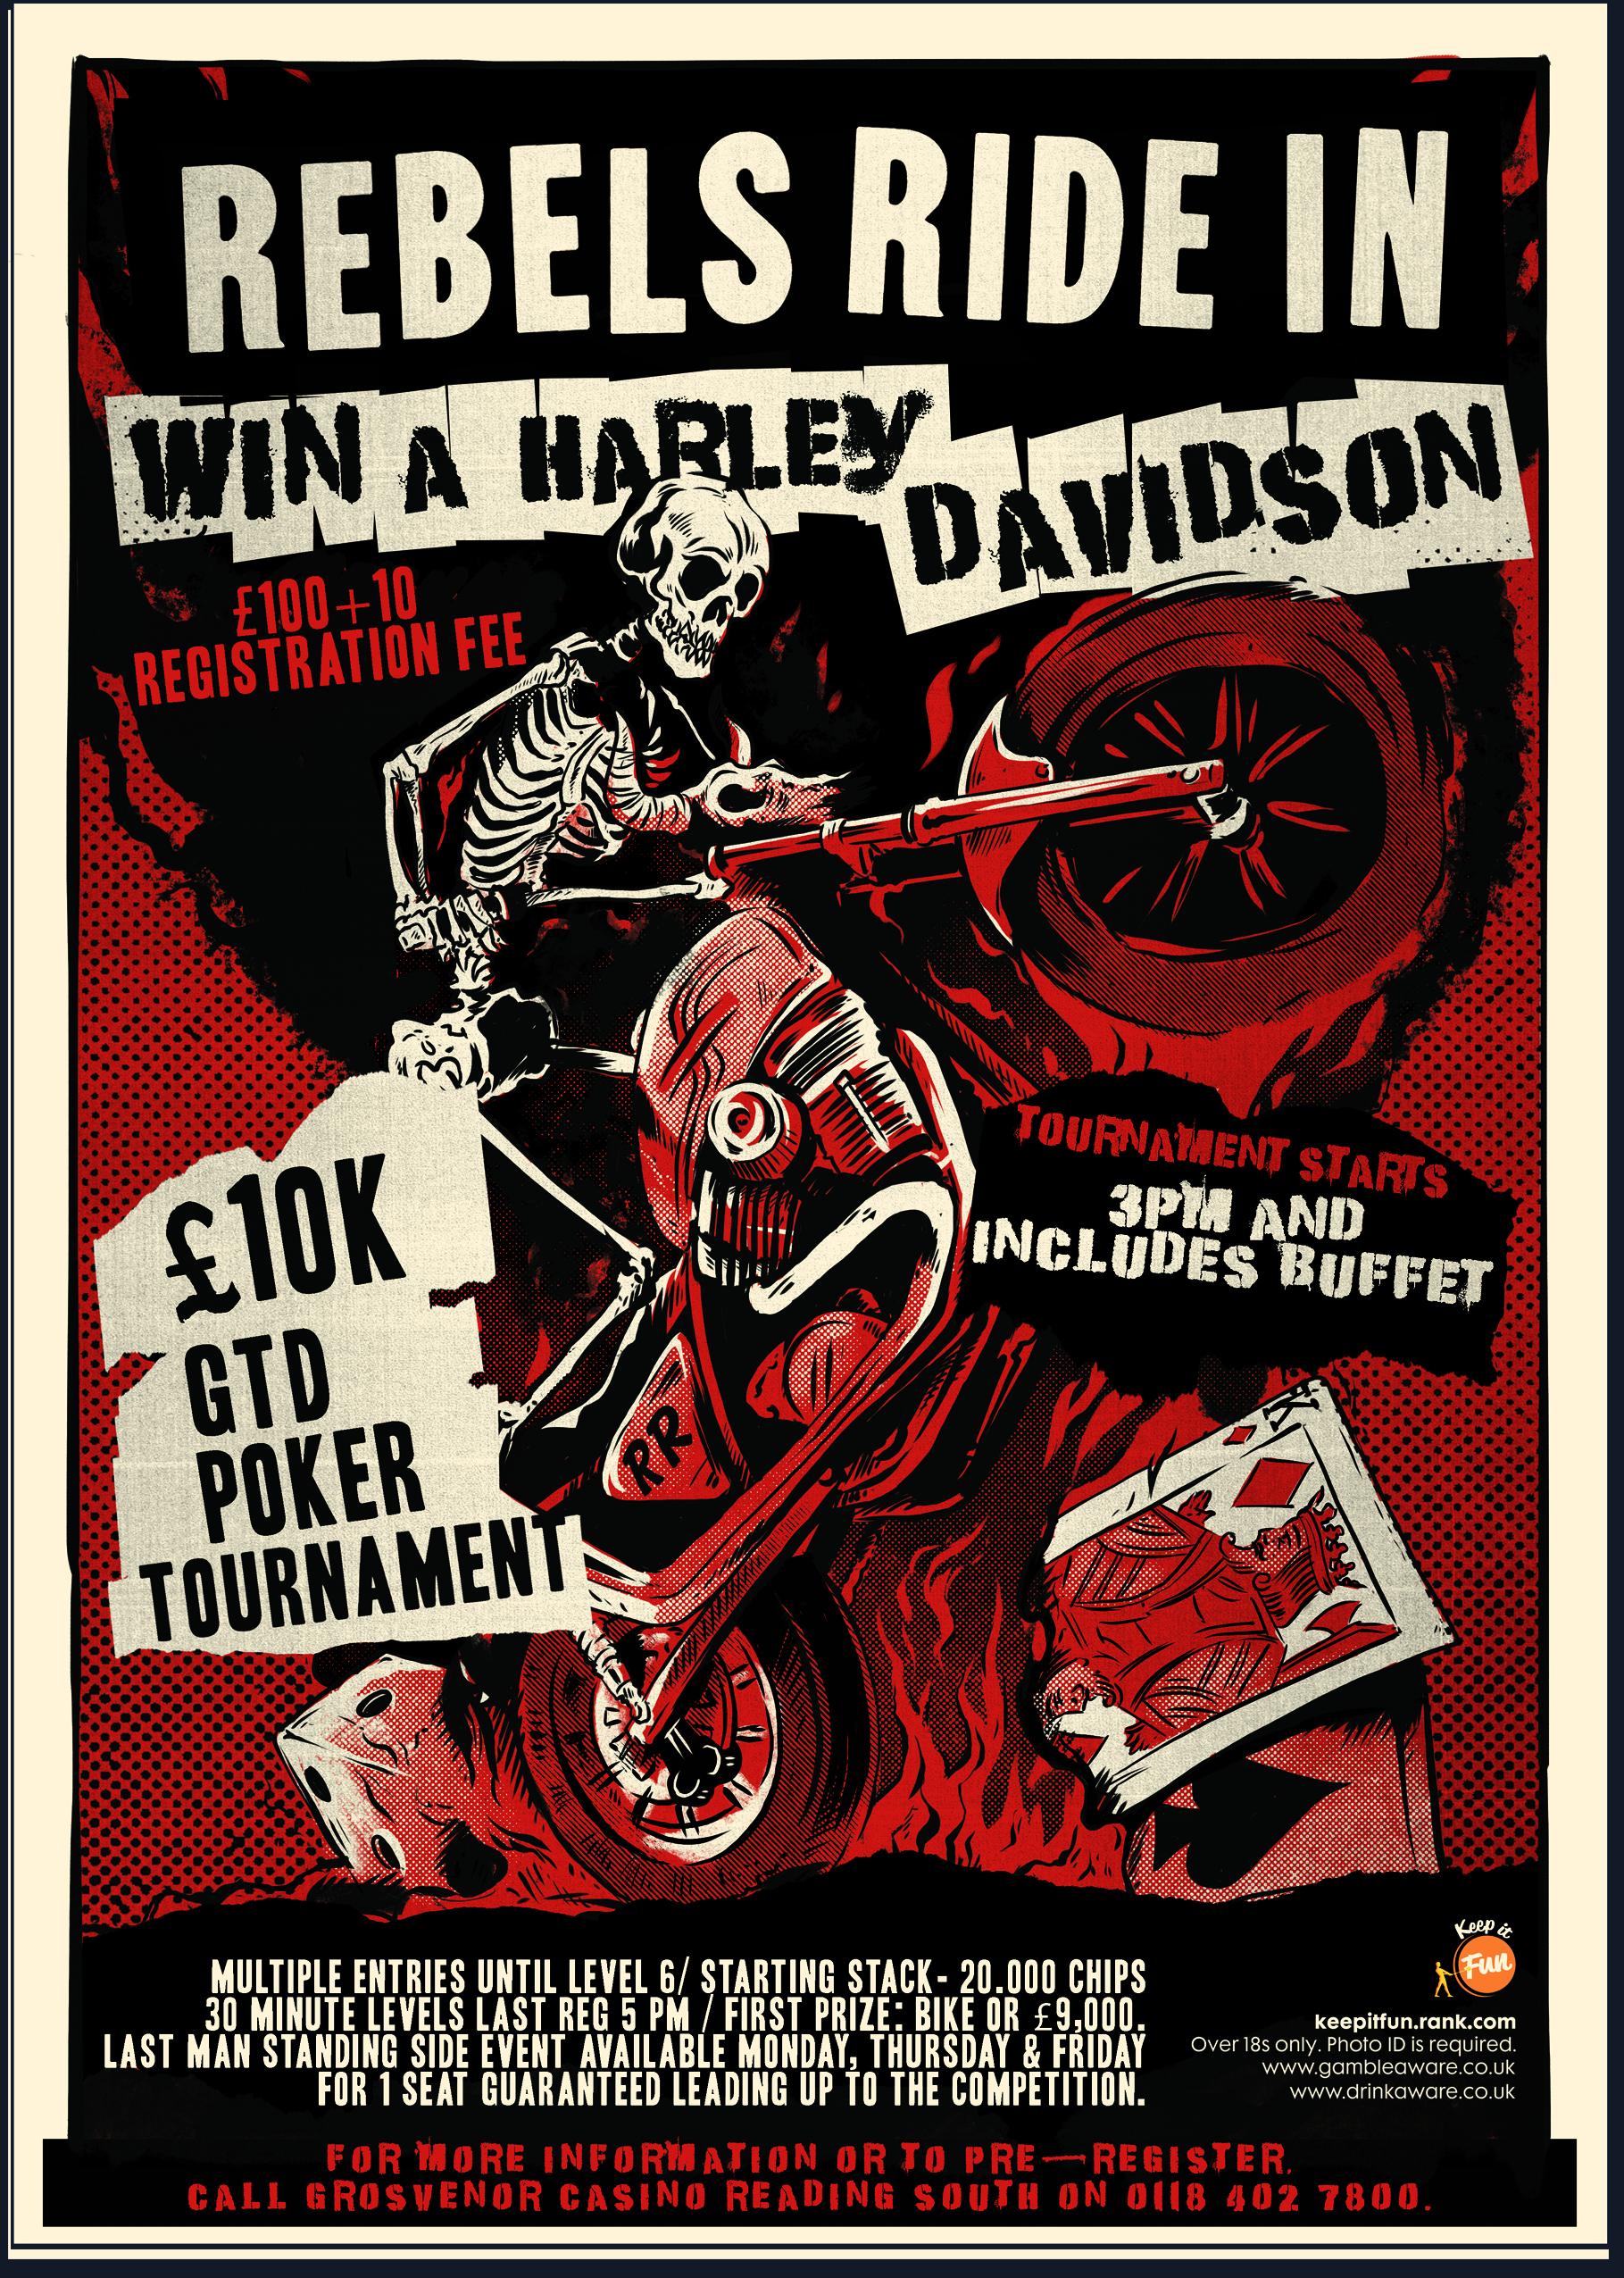 Win a Harley-Davidson